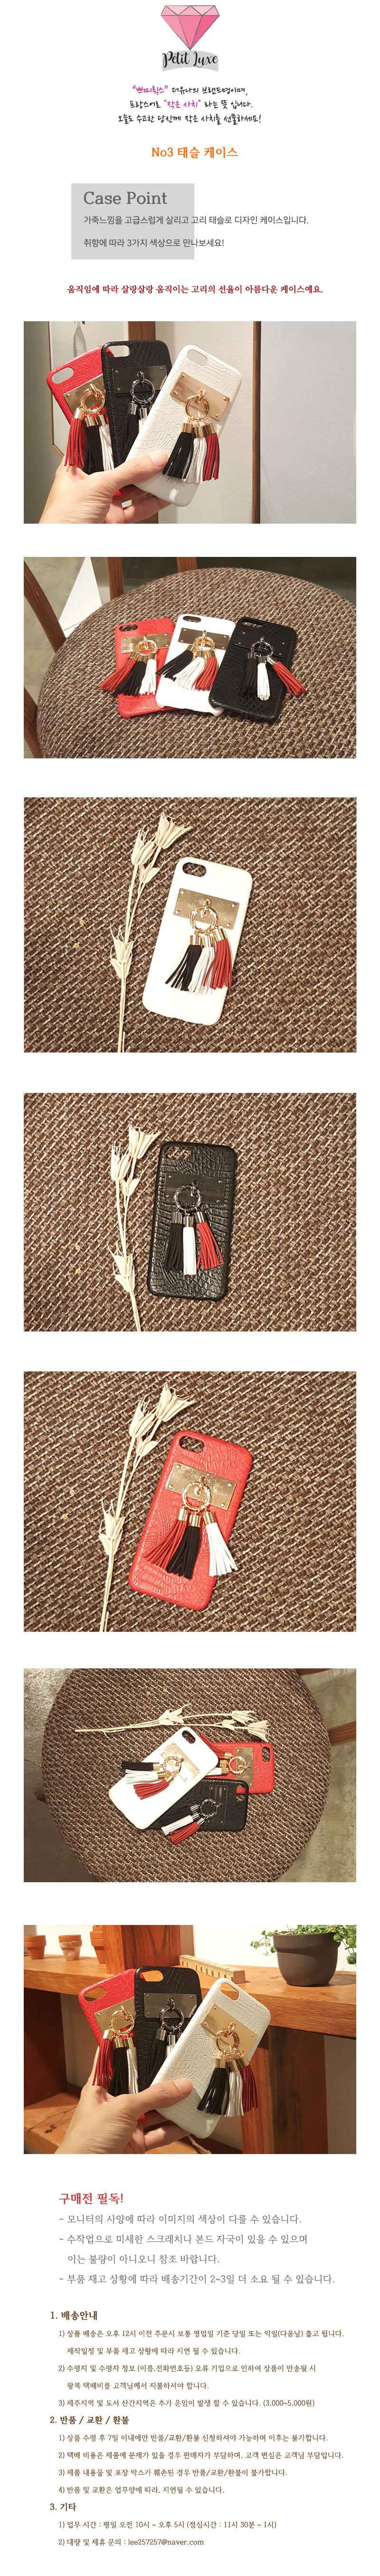 (아이폰6+ 아이폰7+) NO3태슬 가죽 아이폰 특이한 케이스 - 더유나, 17,900원, 케이스, 아이폰7